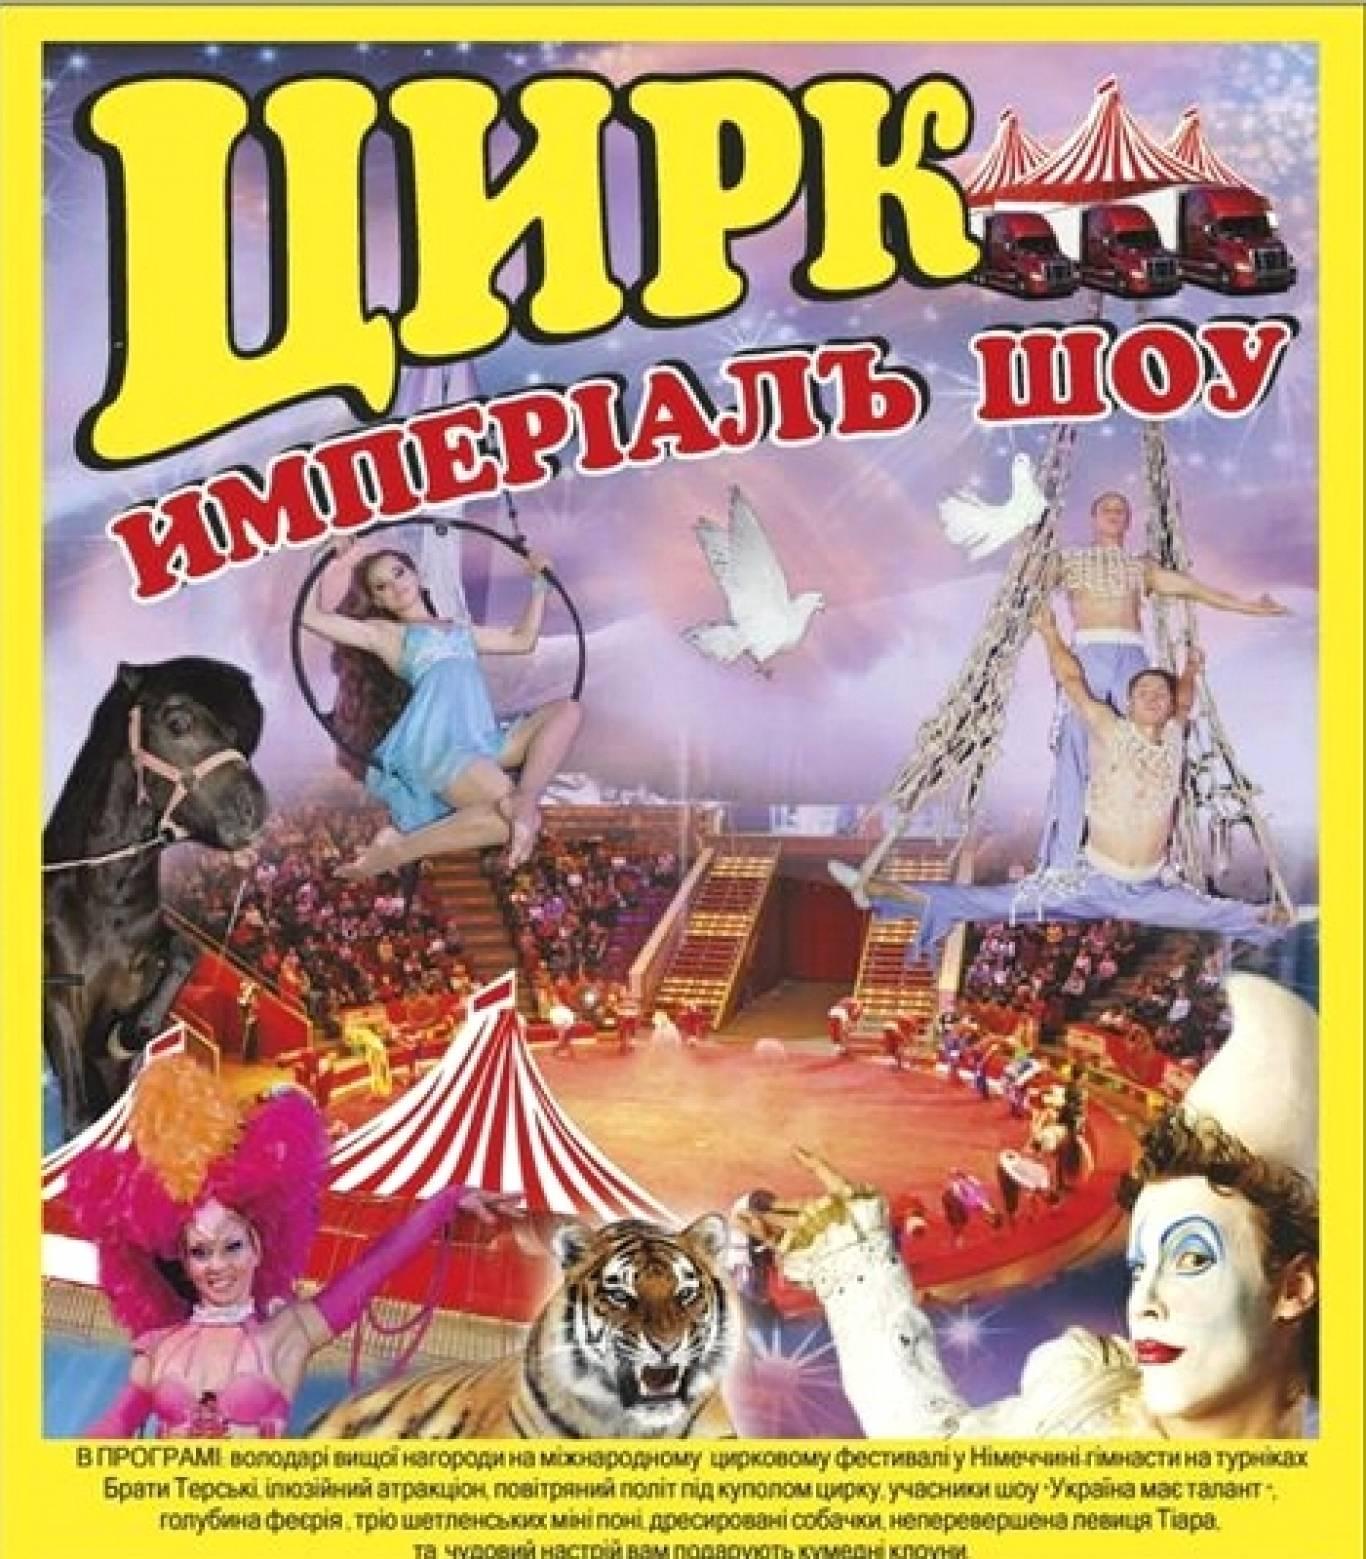 Цирк «Імперіал шоу»